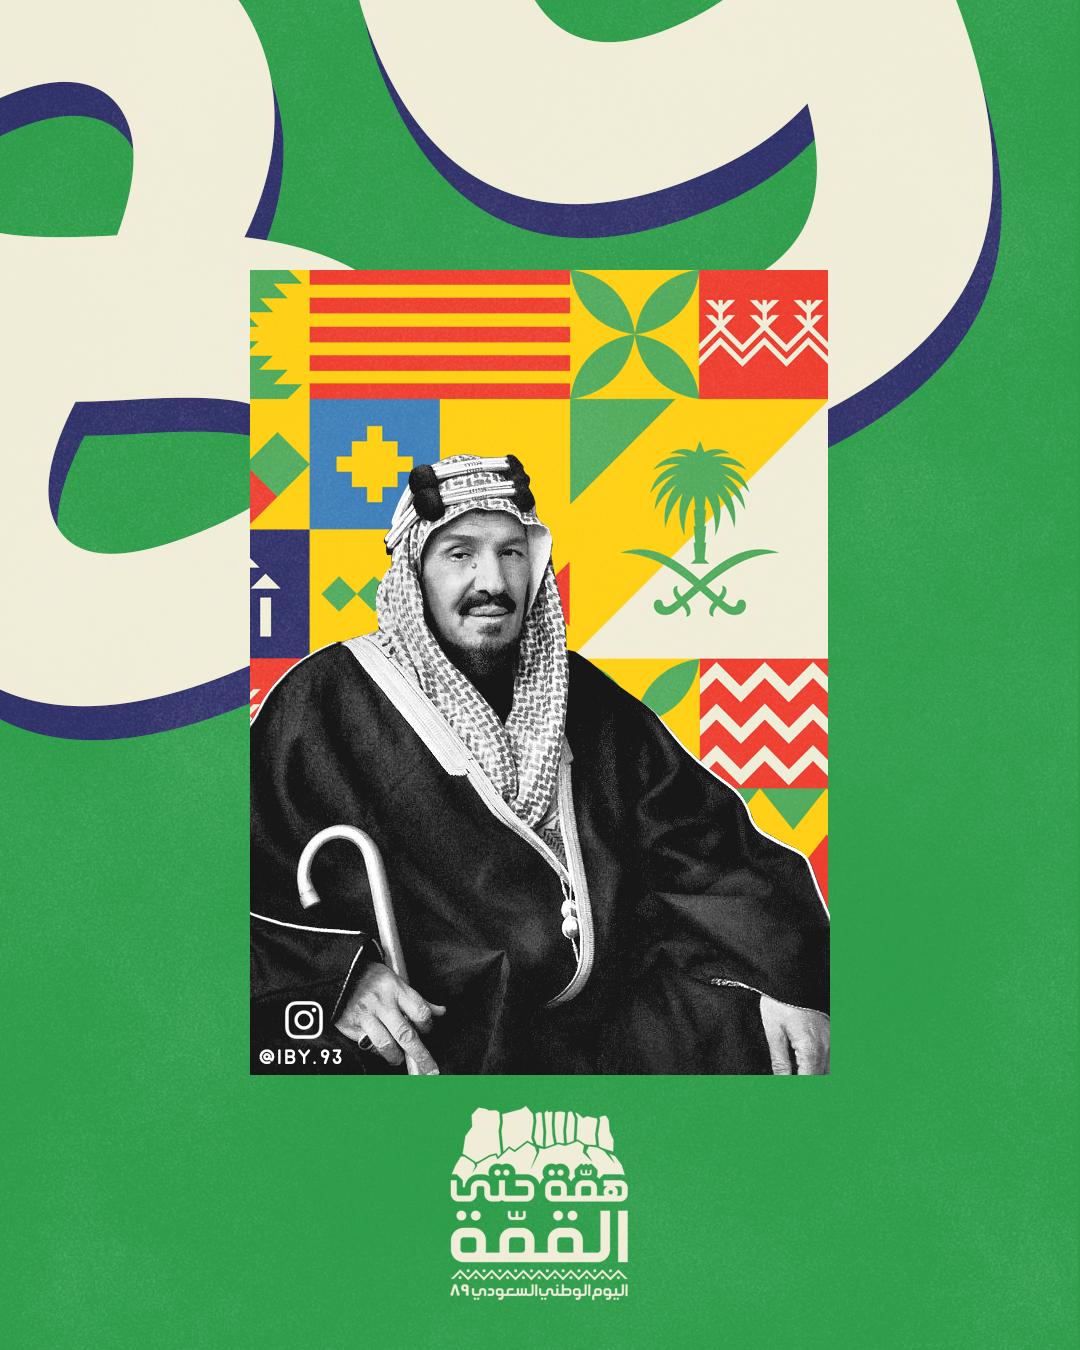 هوية شعار اليوم الوطني 89 السعودي همة حتى القمة National Day Saudi Door Hanger Template School Frame